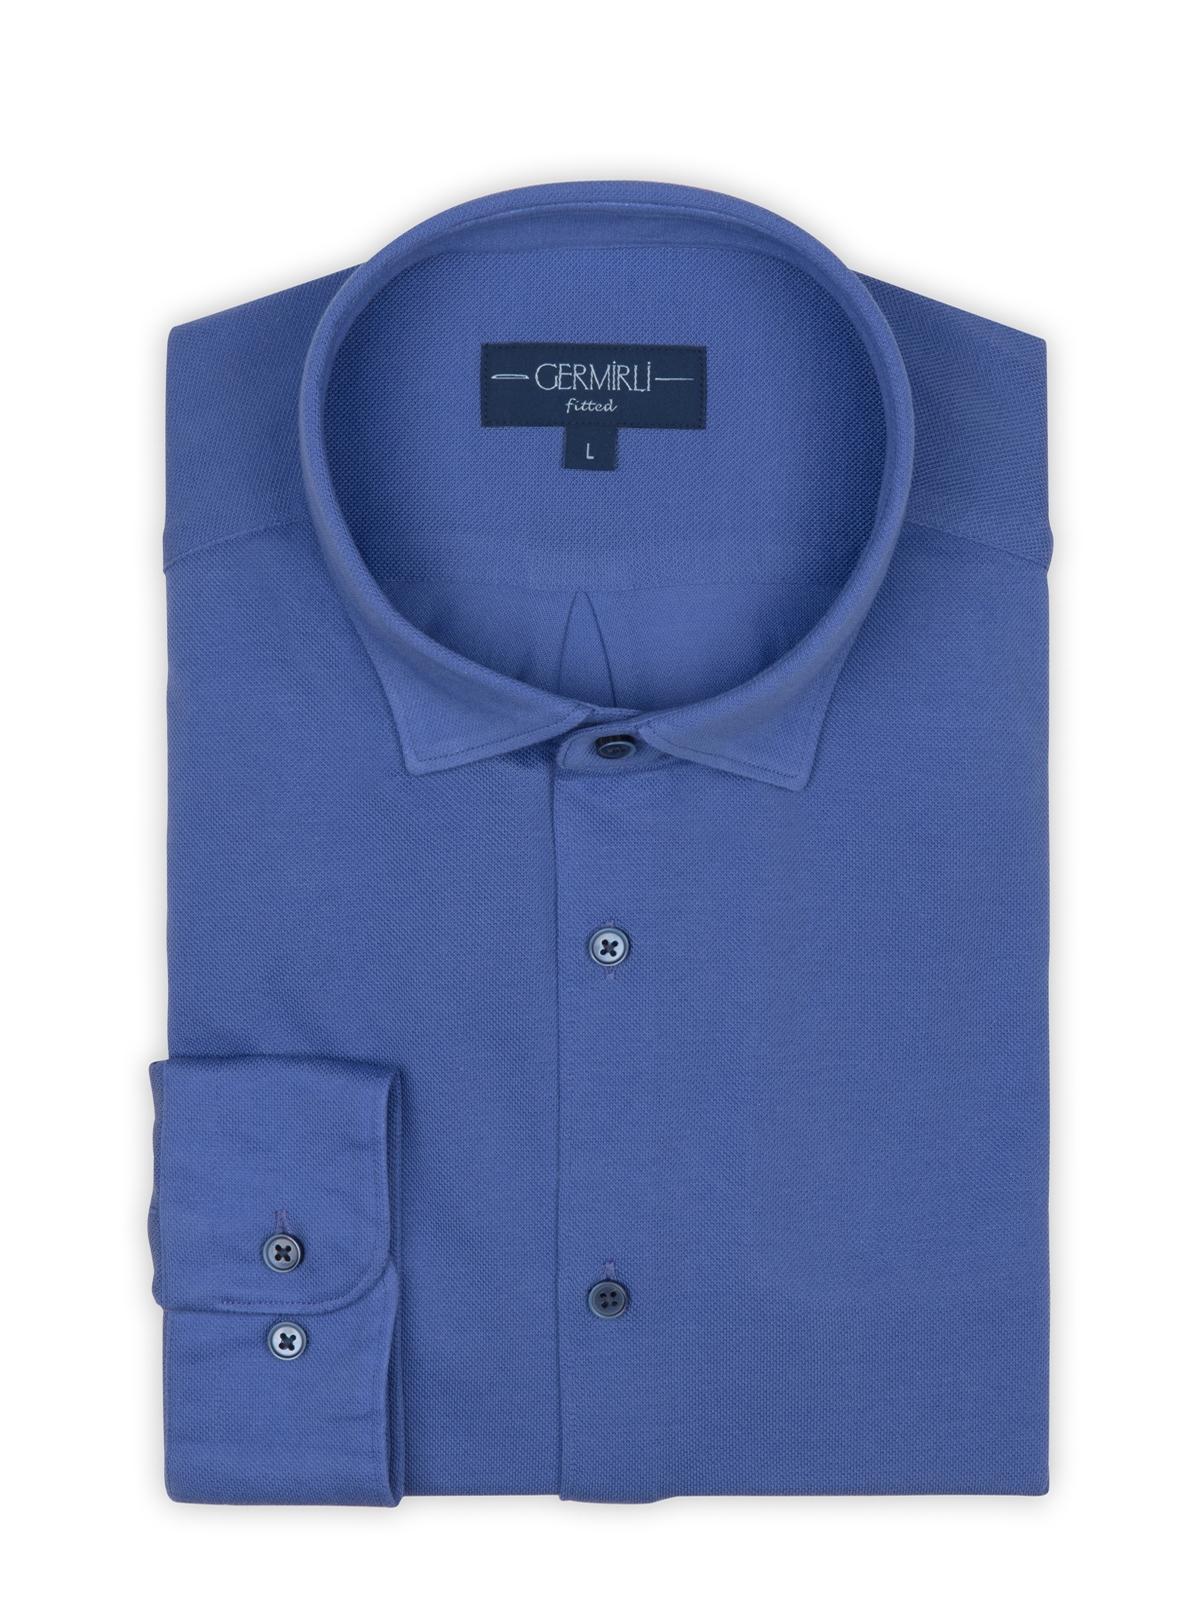 Germirli Mor Soft Yaka Örme Tailor Fit Gömlek